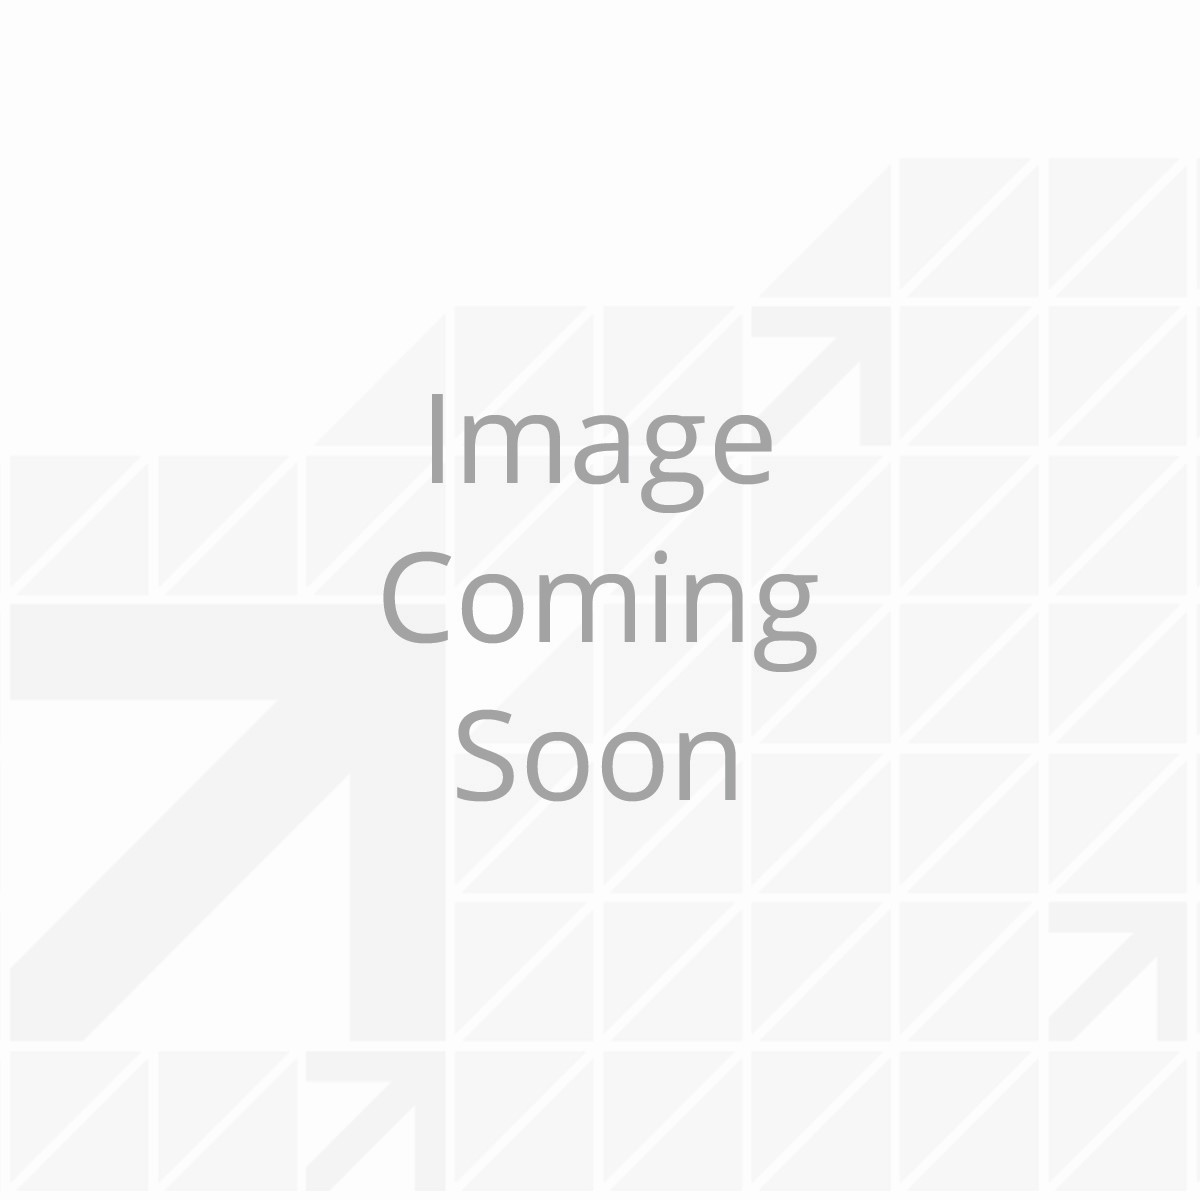 Waste Master® Promo Block Image